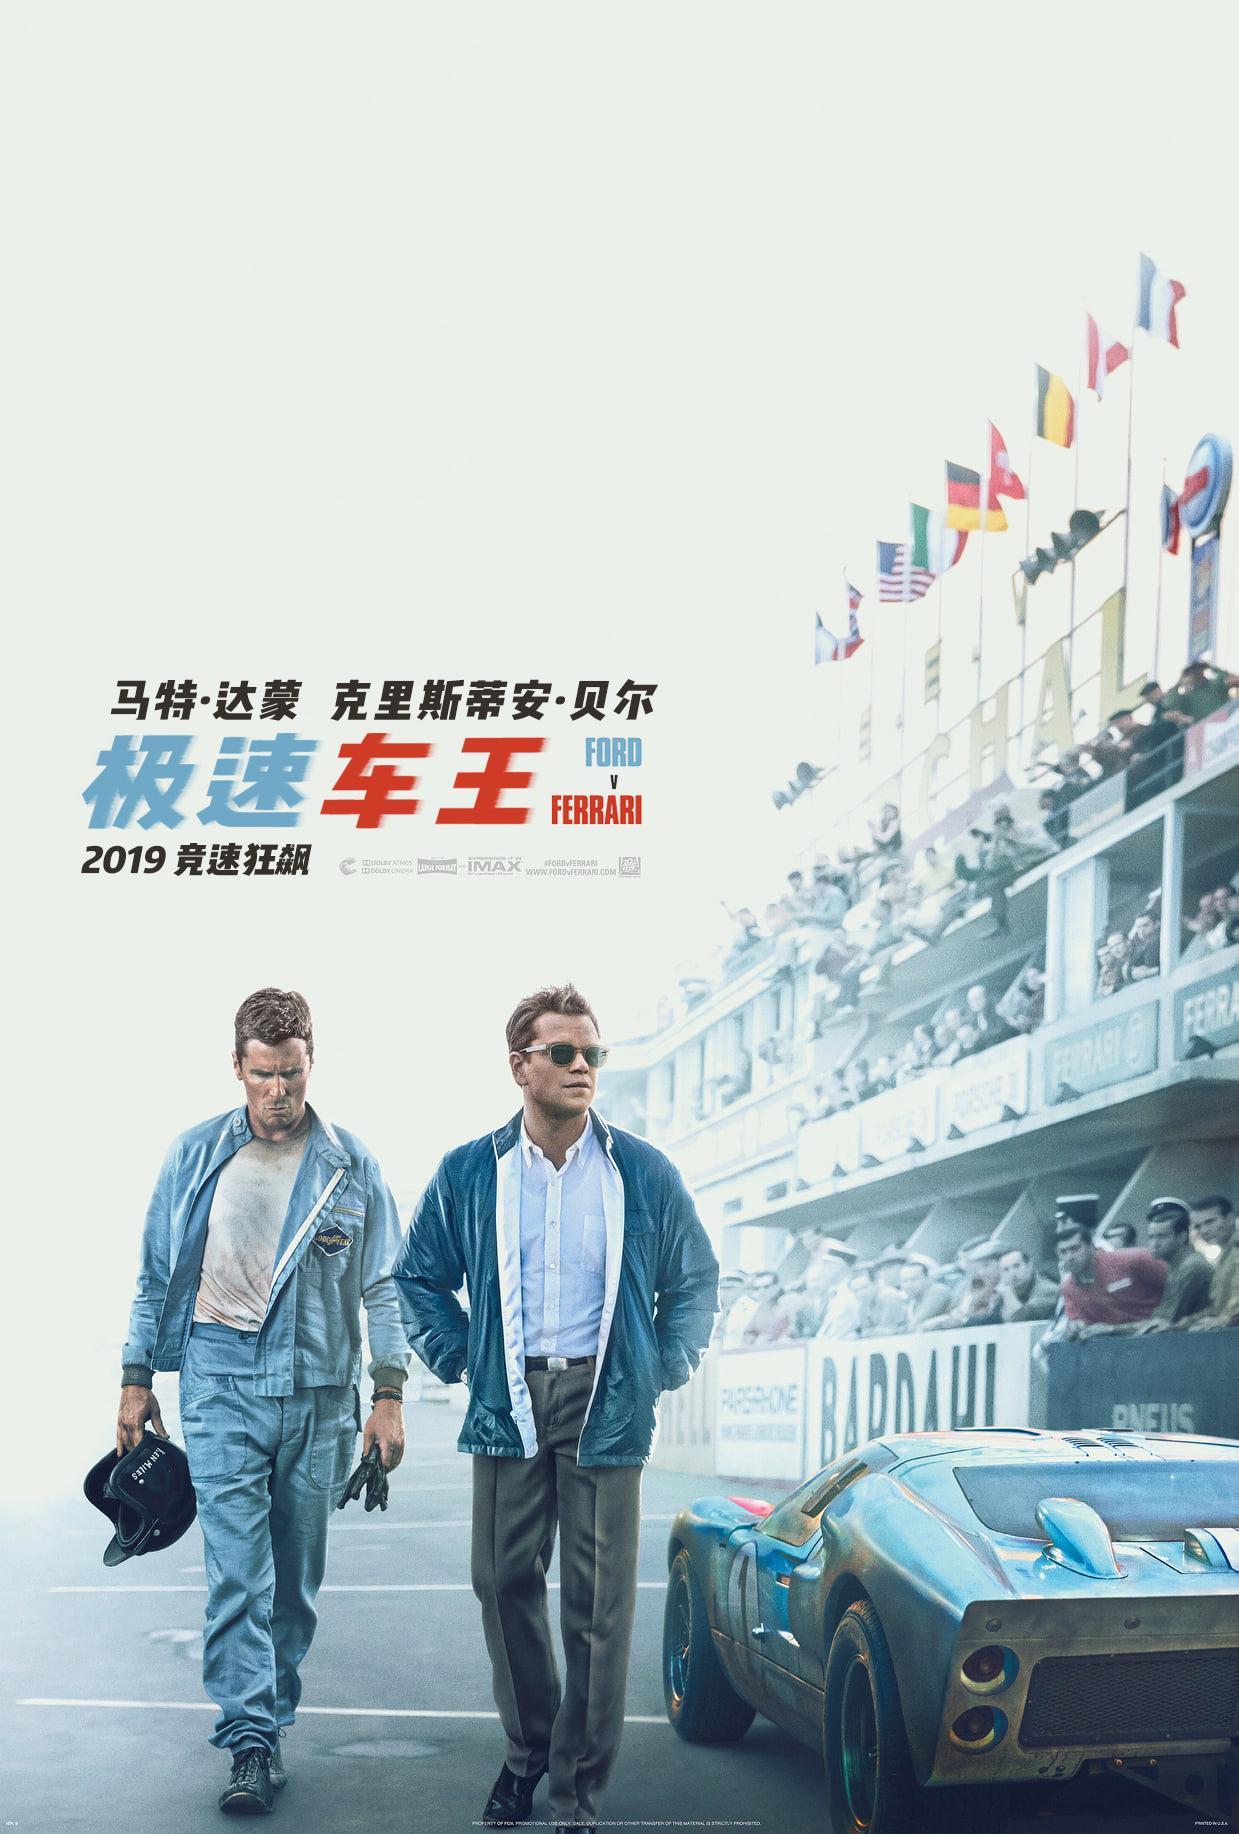 美国商业杂志《Inc》精选2019年10大商业电影,《极速车王》、《美国工厂》上榜插图(6)